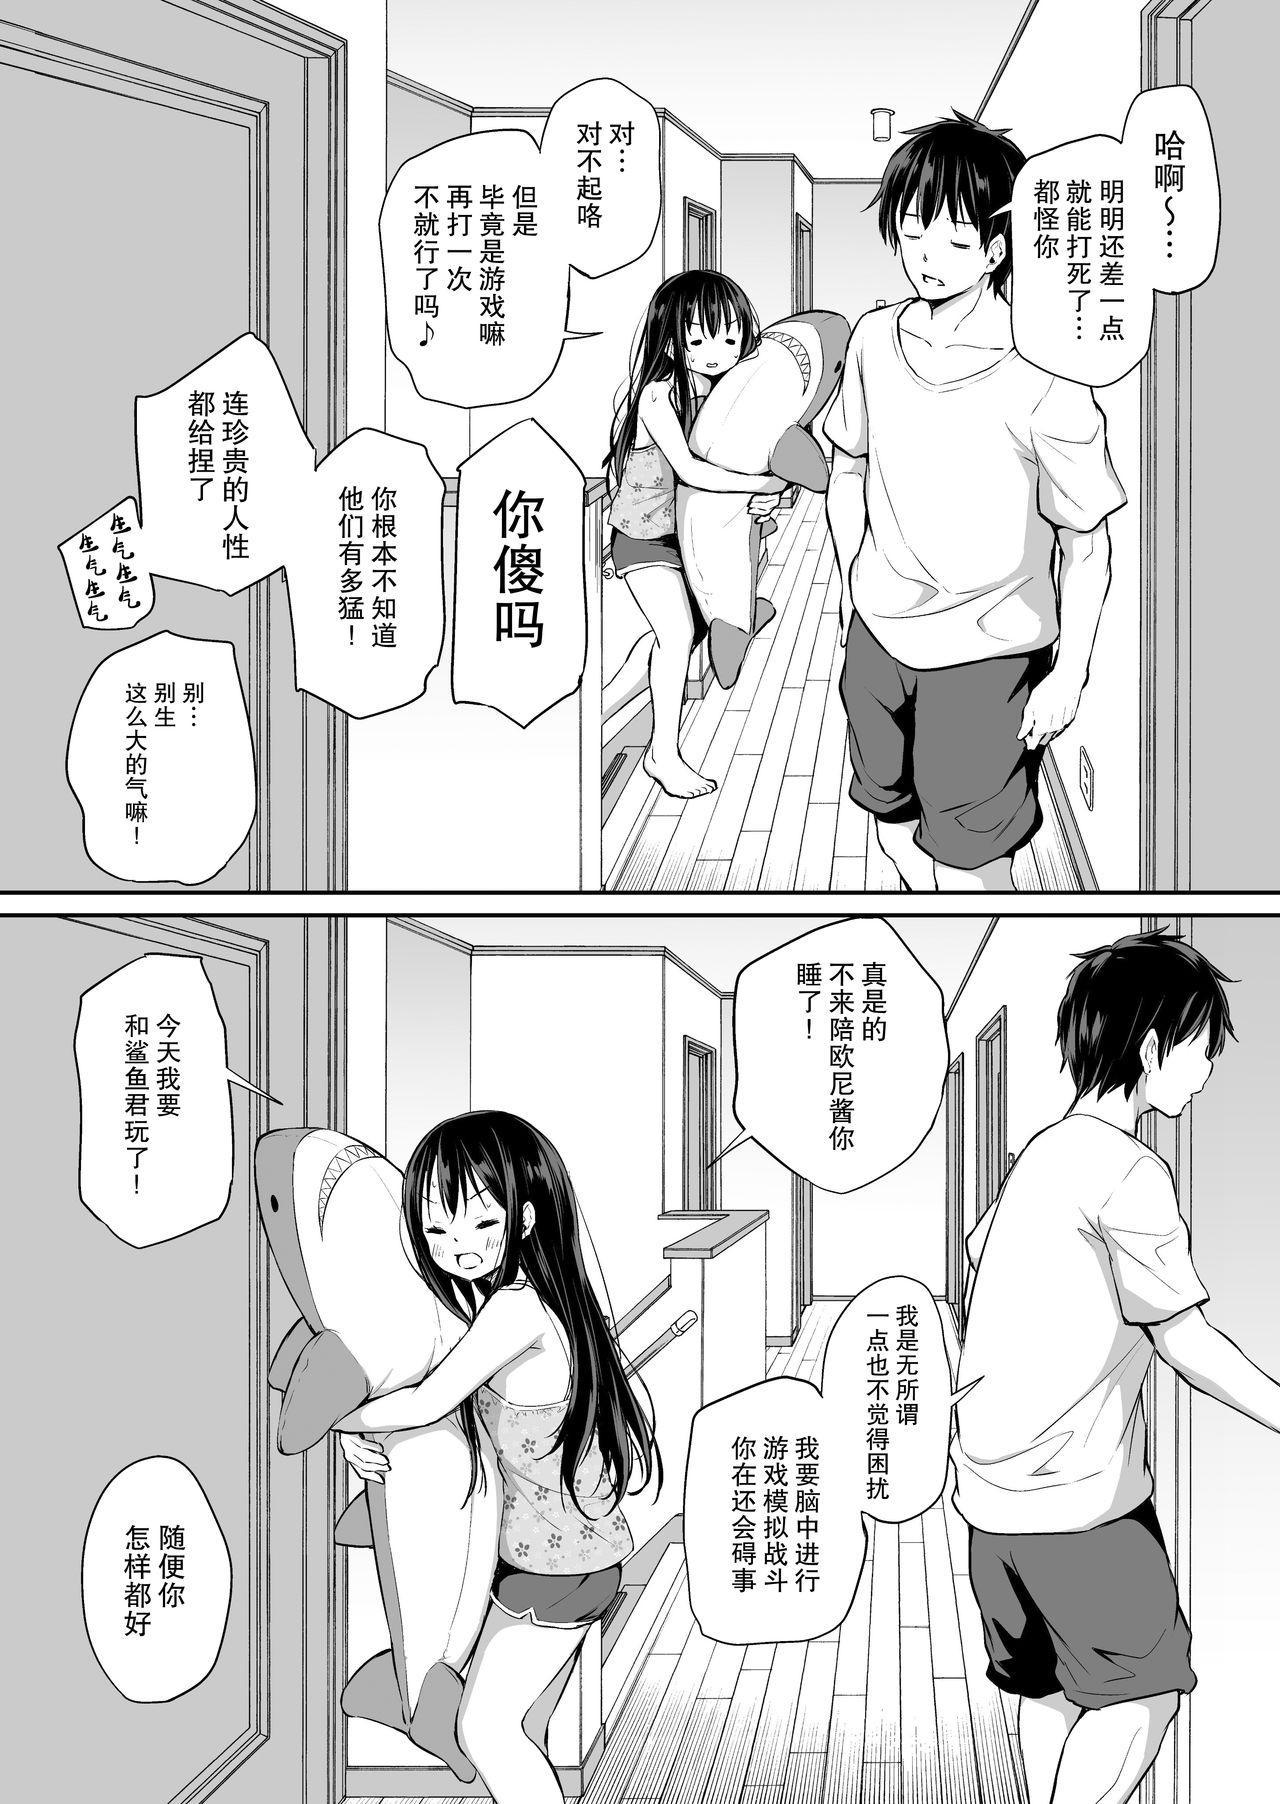 Tsundere Imouto to no Nichijou | 与傲娇妹妹的日常 93